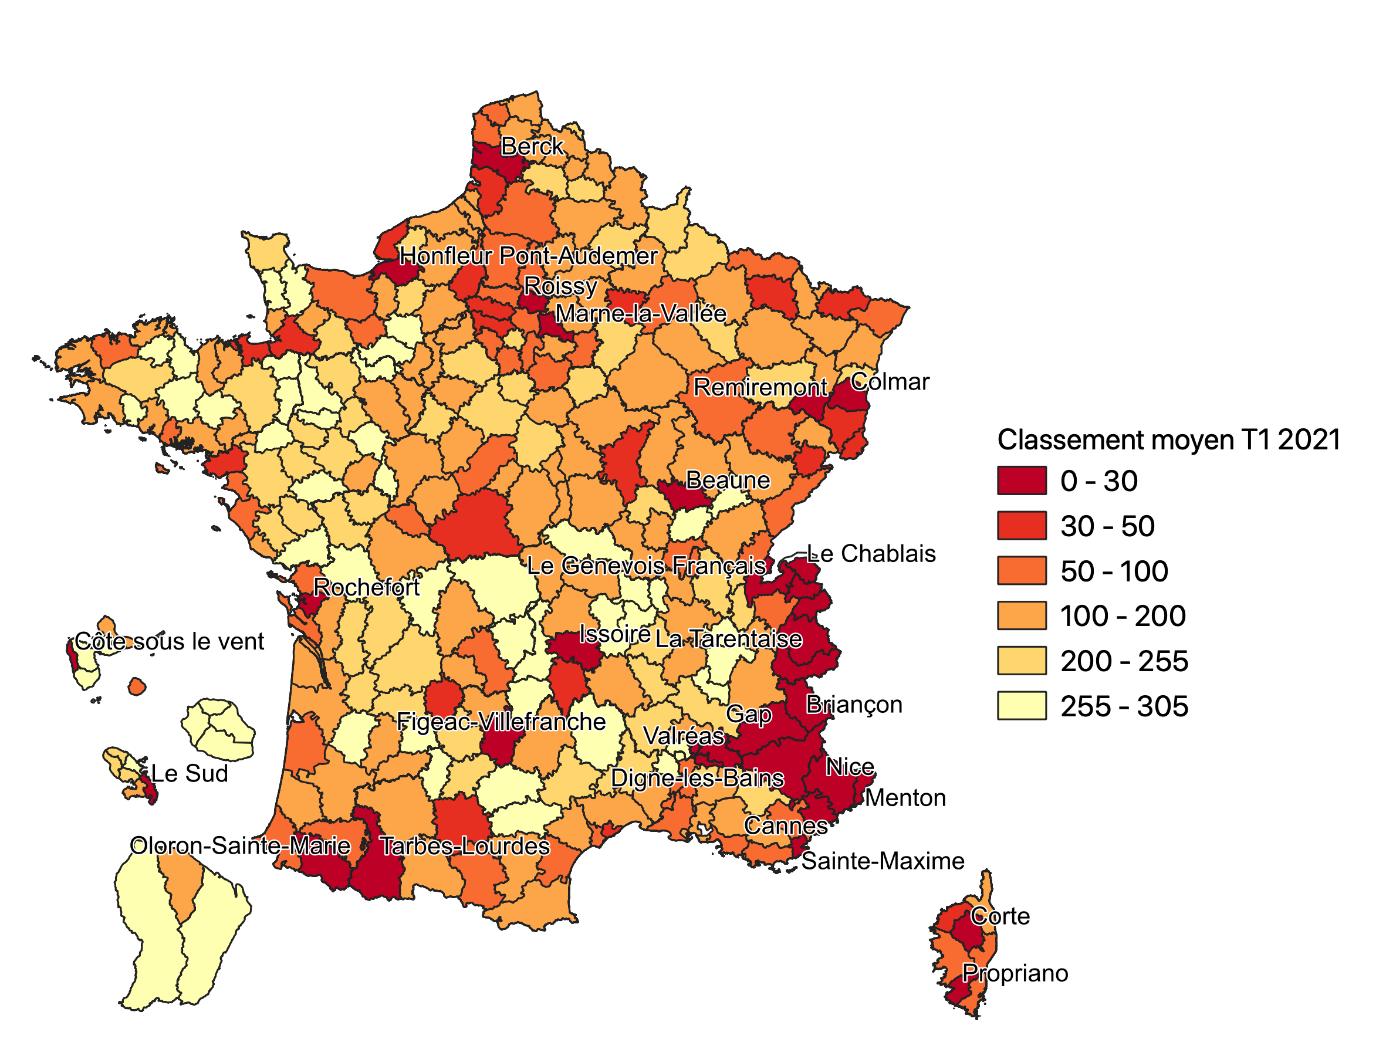 Géographie de la crise - Carte 2